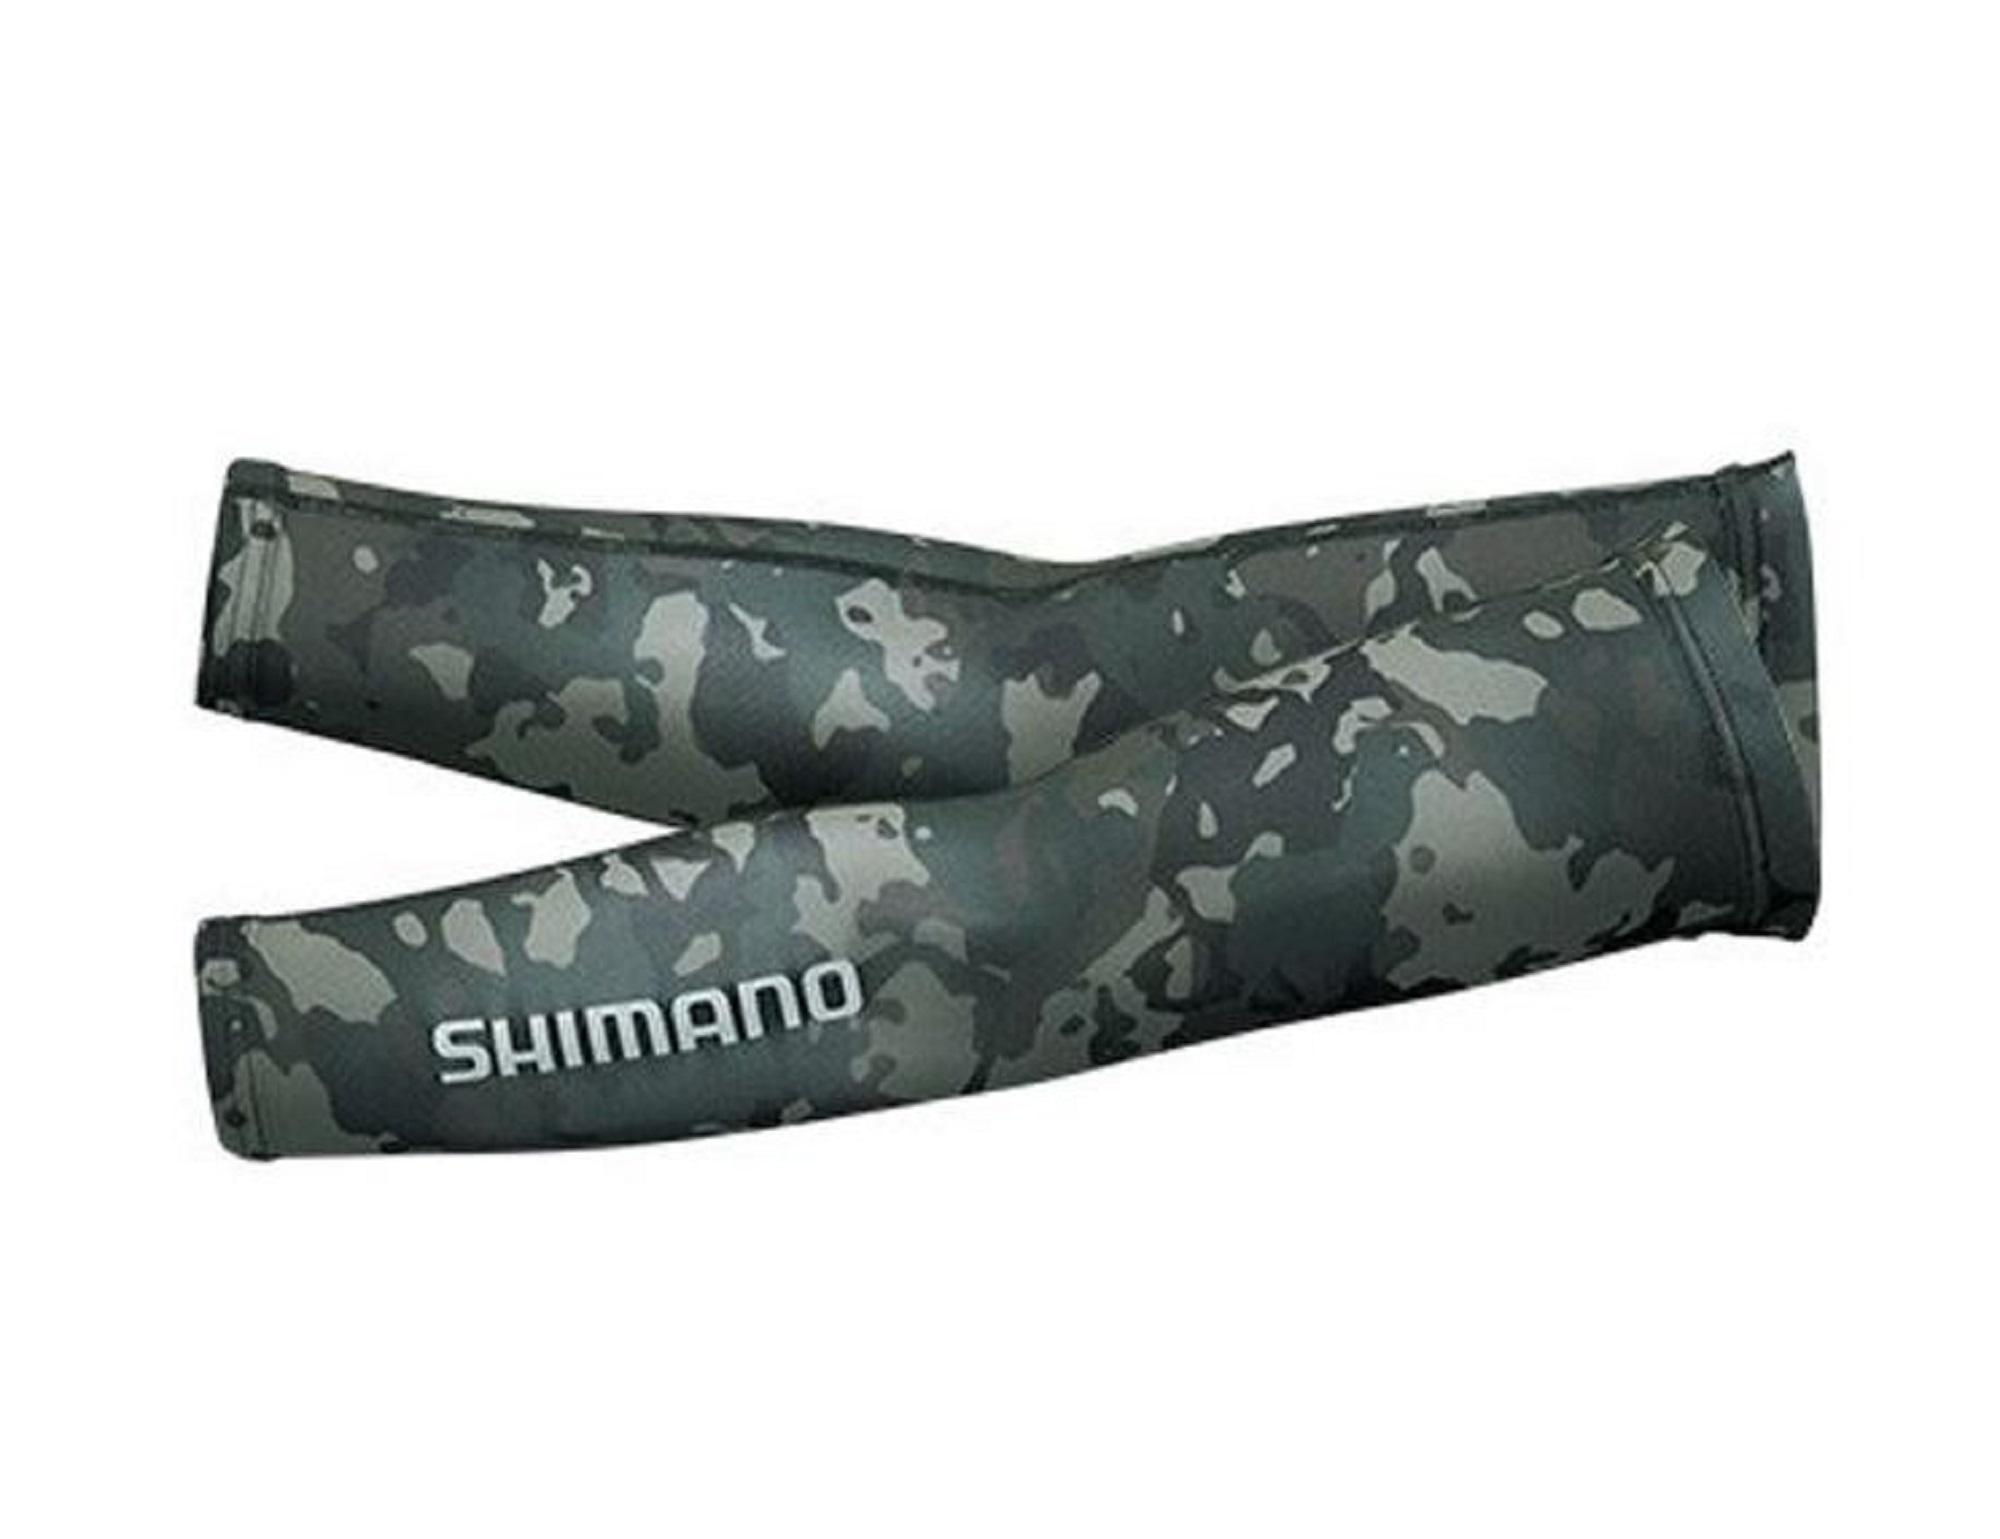 Shimano AC-067Q Arm Sleeves Black Camo Free Size 630650